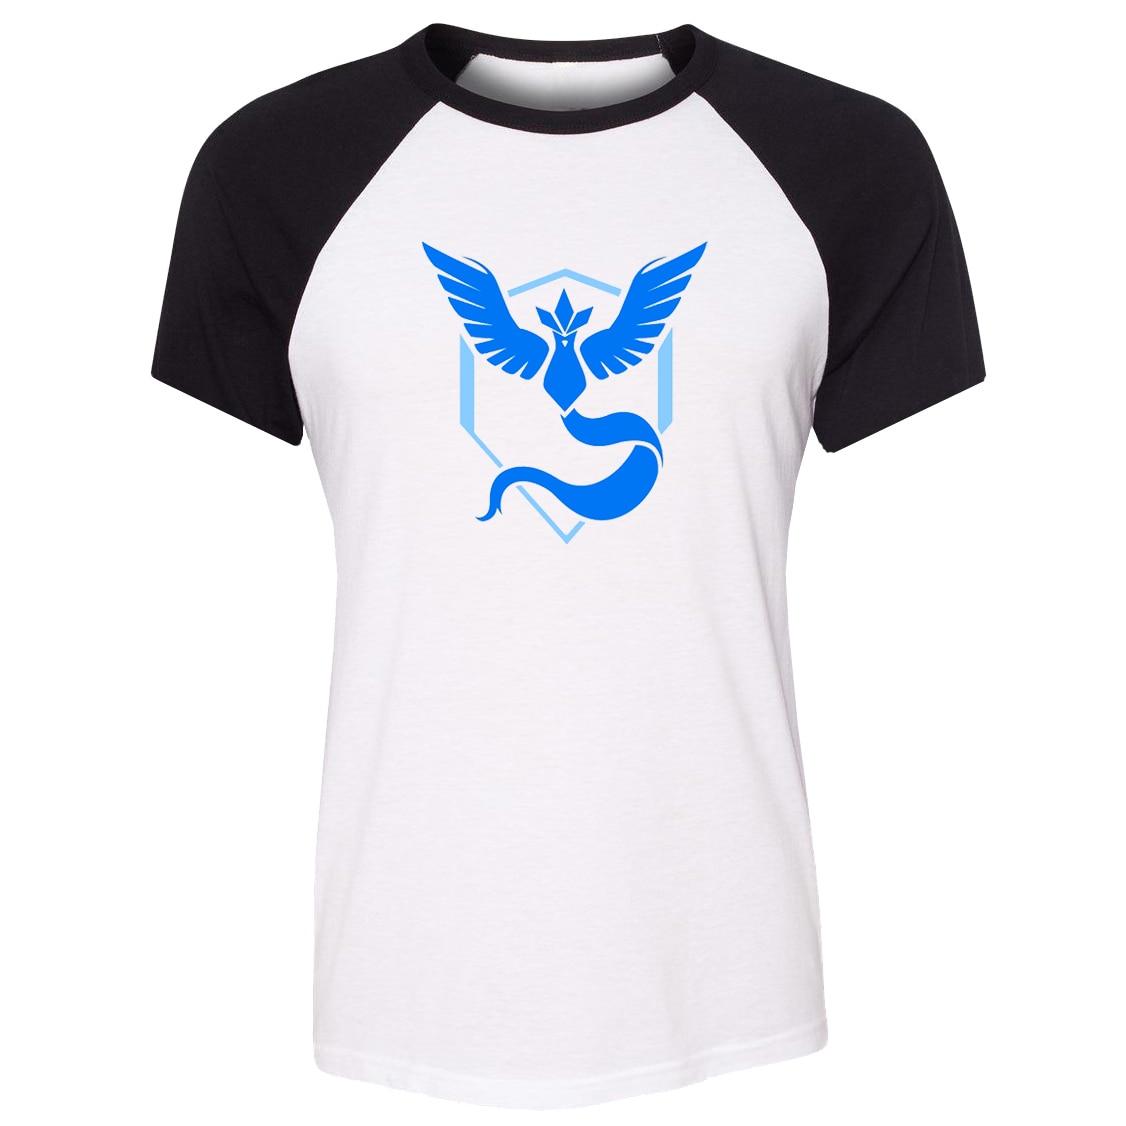 summer-t-shirt-font-b-pokemon-b-font-go-game-fans-articuno-team-blue-team-art-pattern-raglan-short-sleeve-women-t-shirt-girl-print-tee-tops